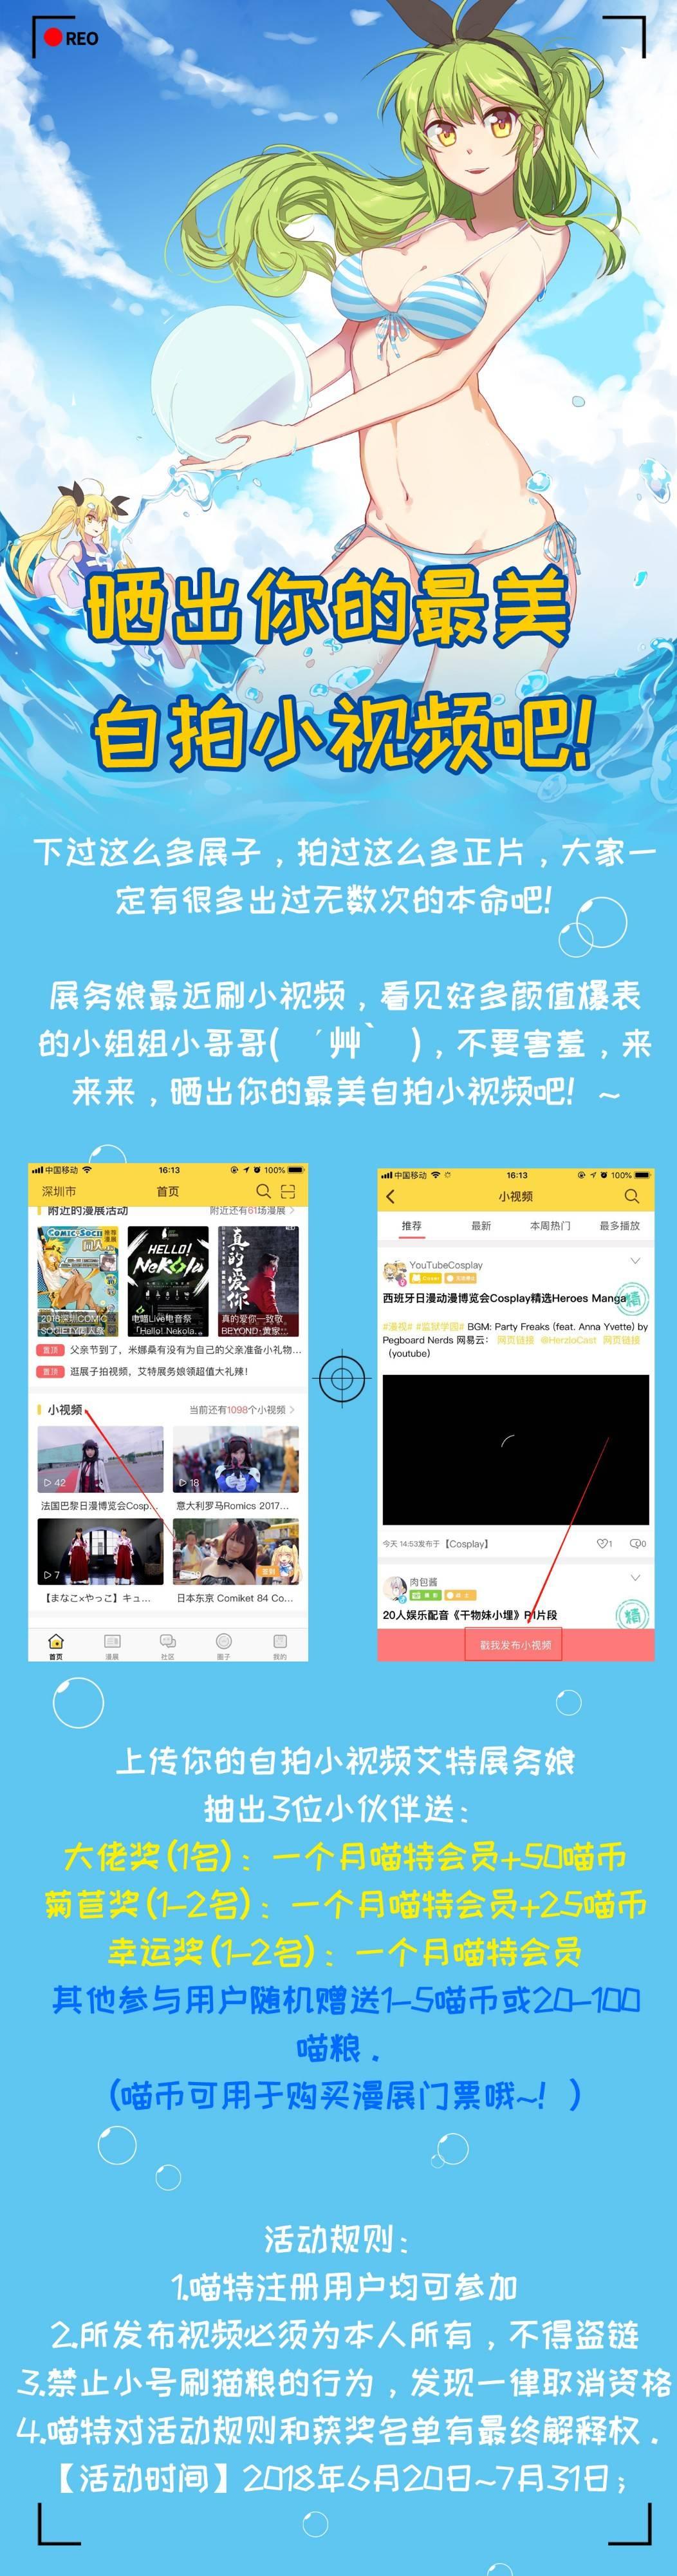 小视频企划长图(2).jpg